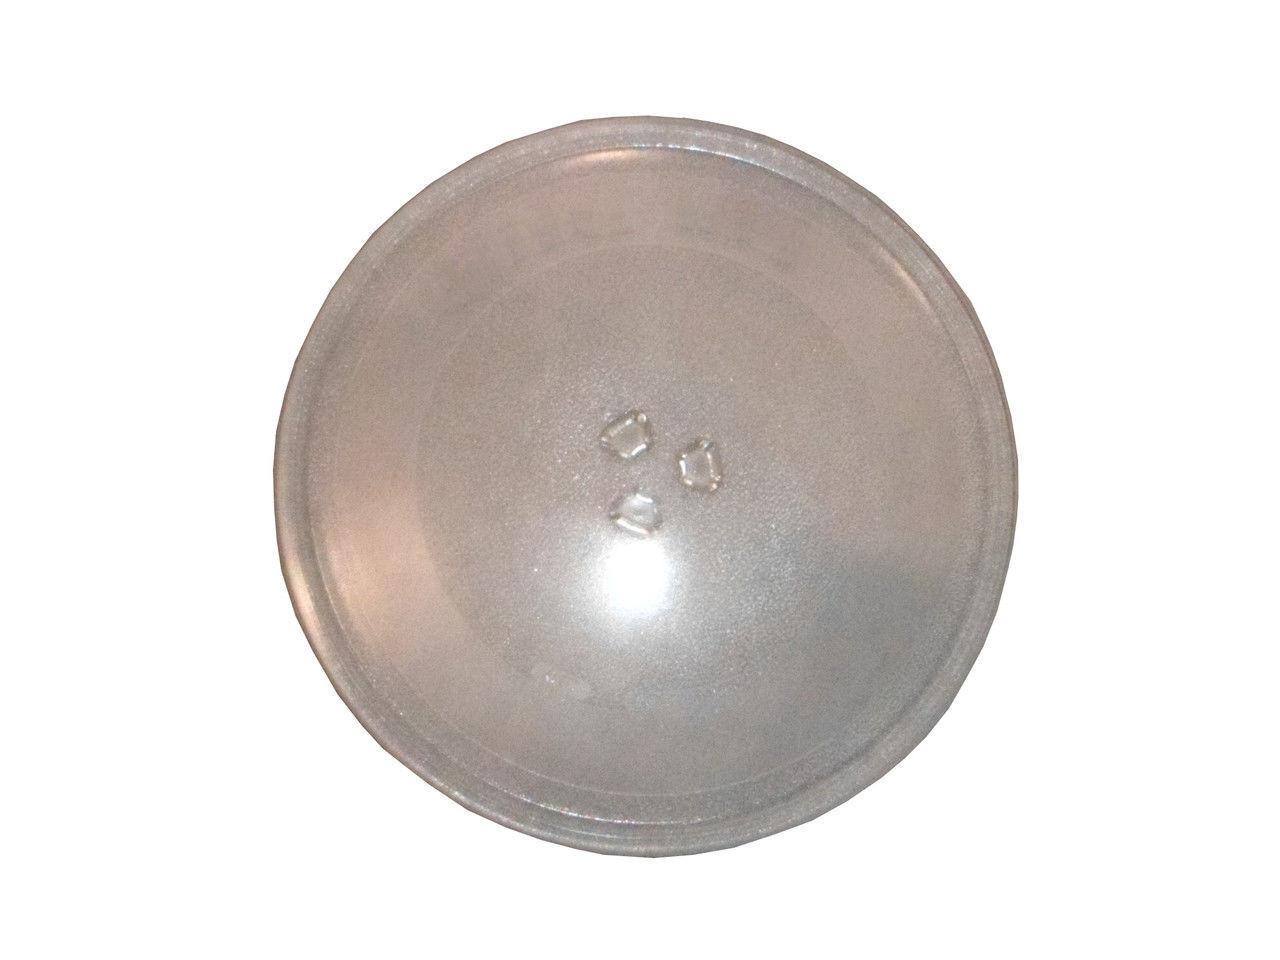 Тарелка микроволновой печи d=255мм под куплер (универсальная)